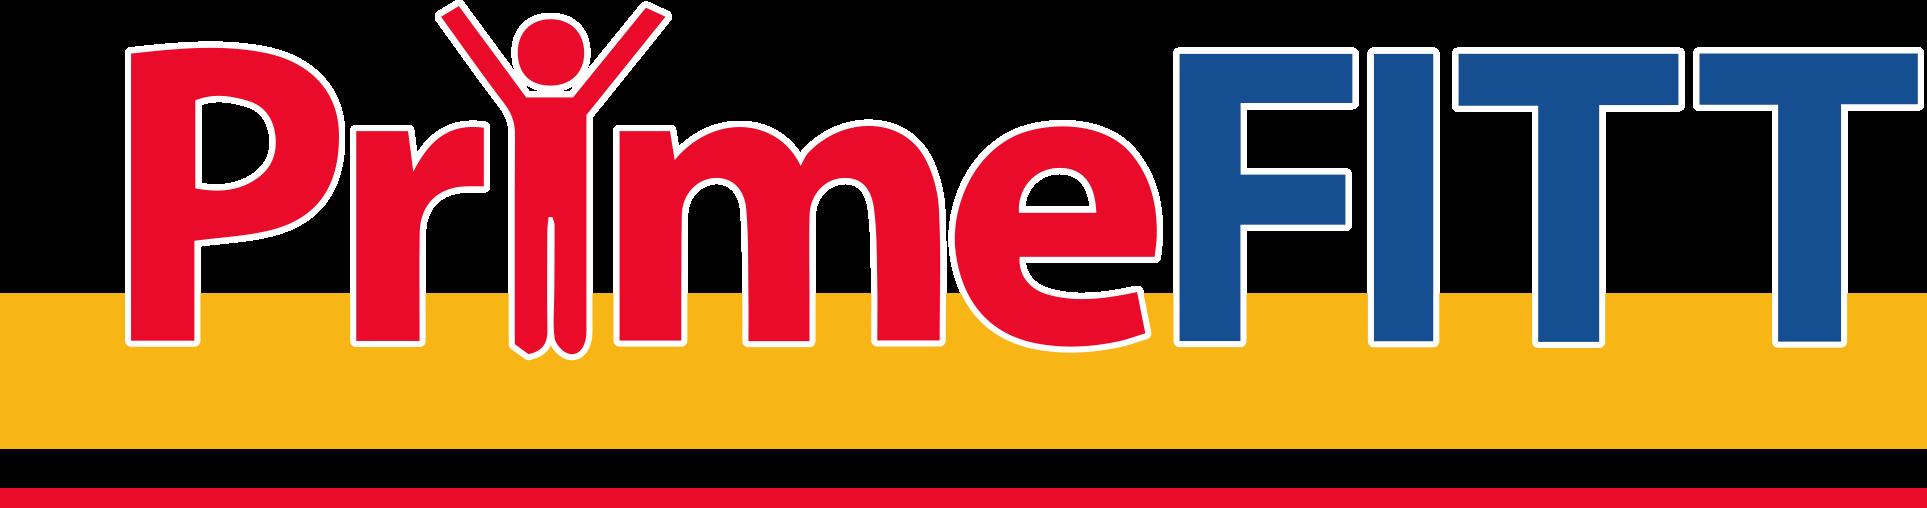 PrimeFitt Nutrition